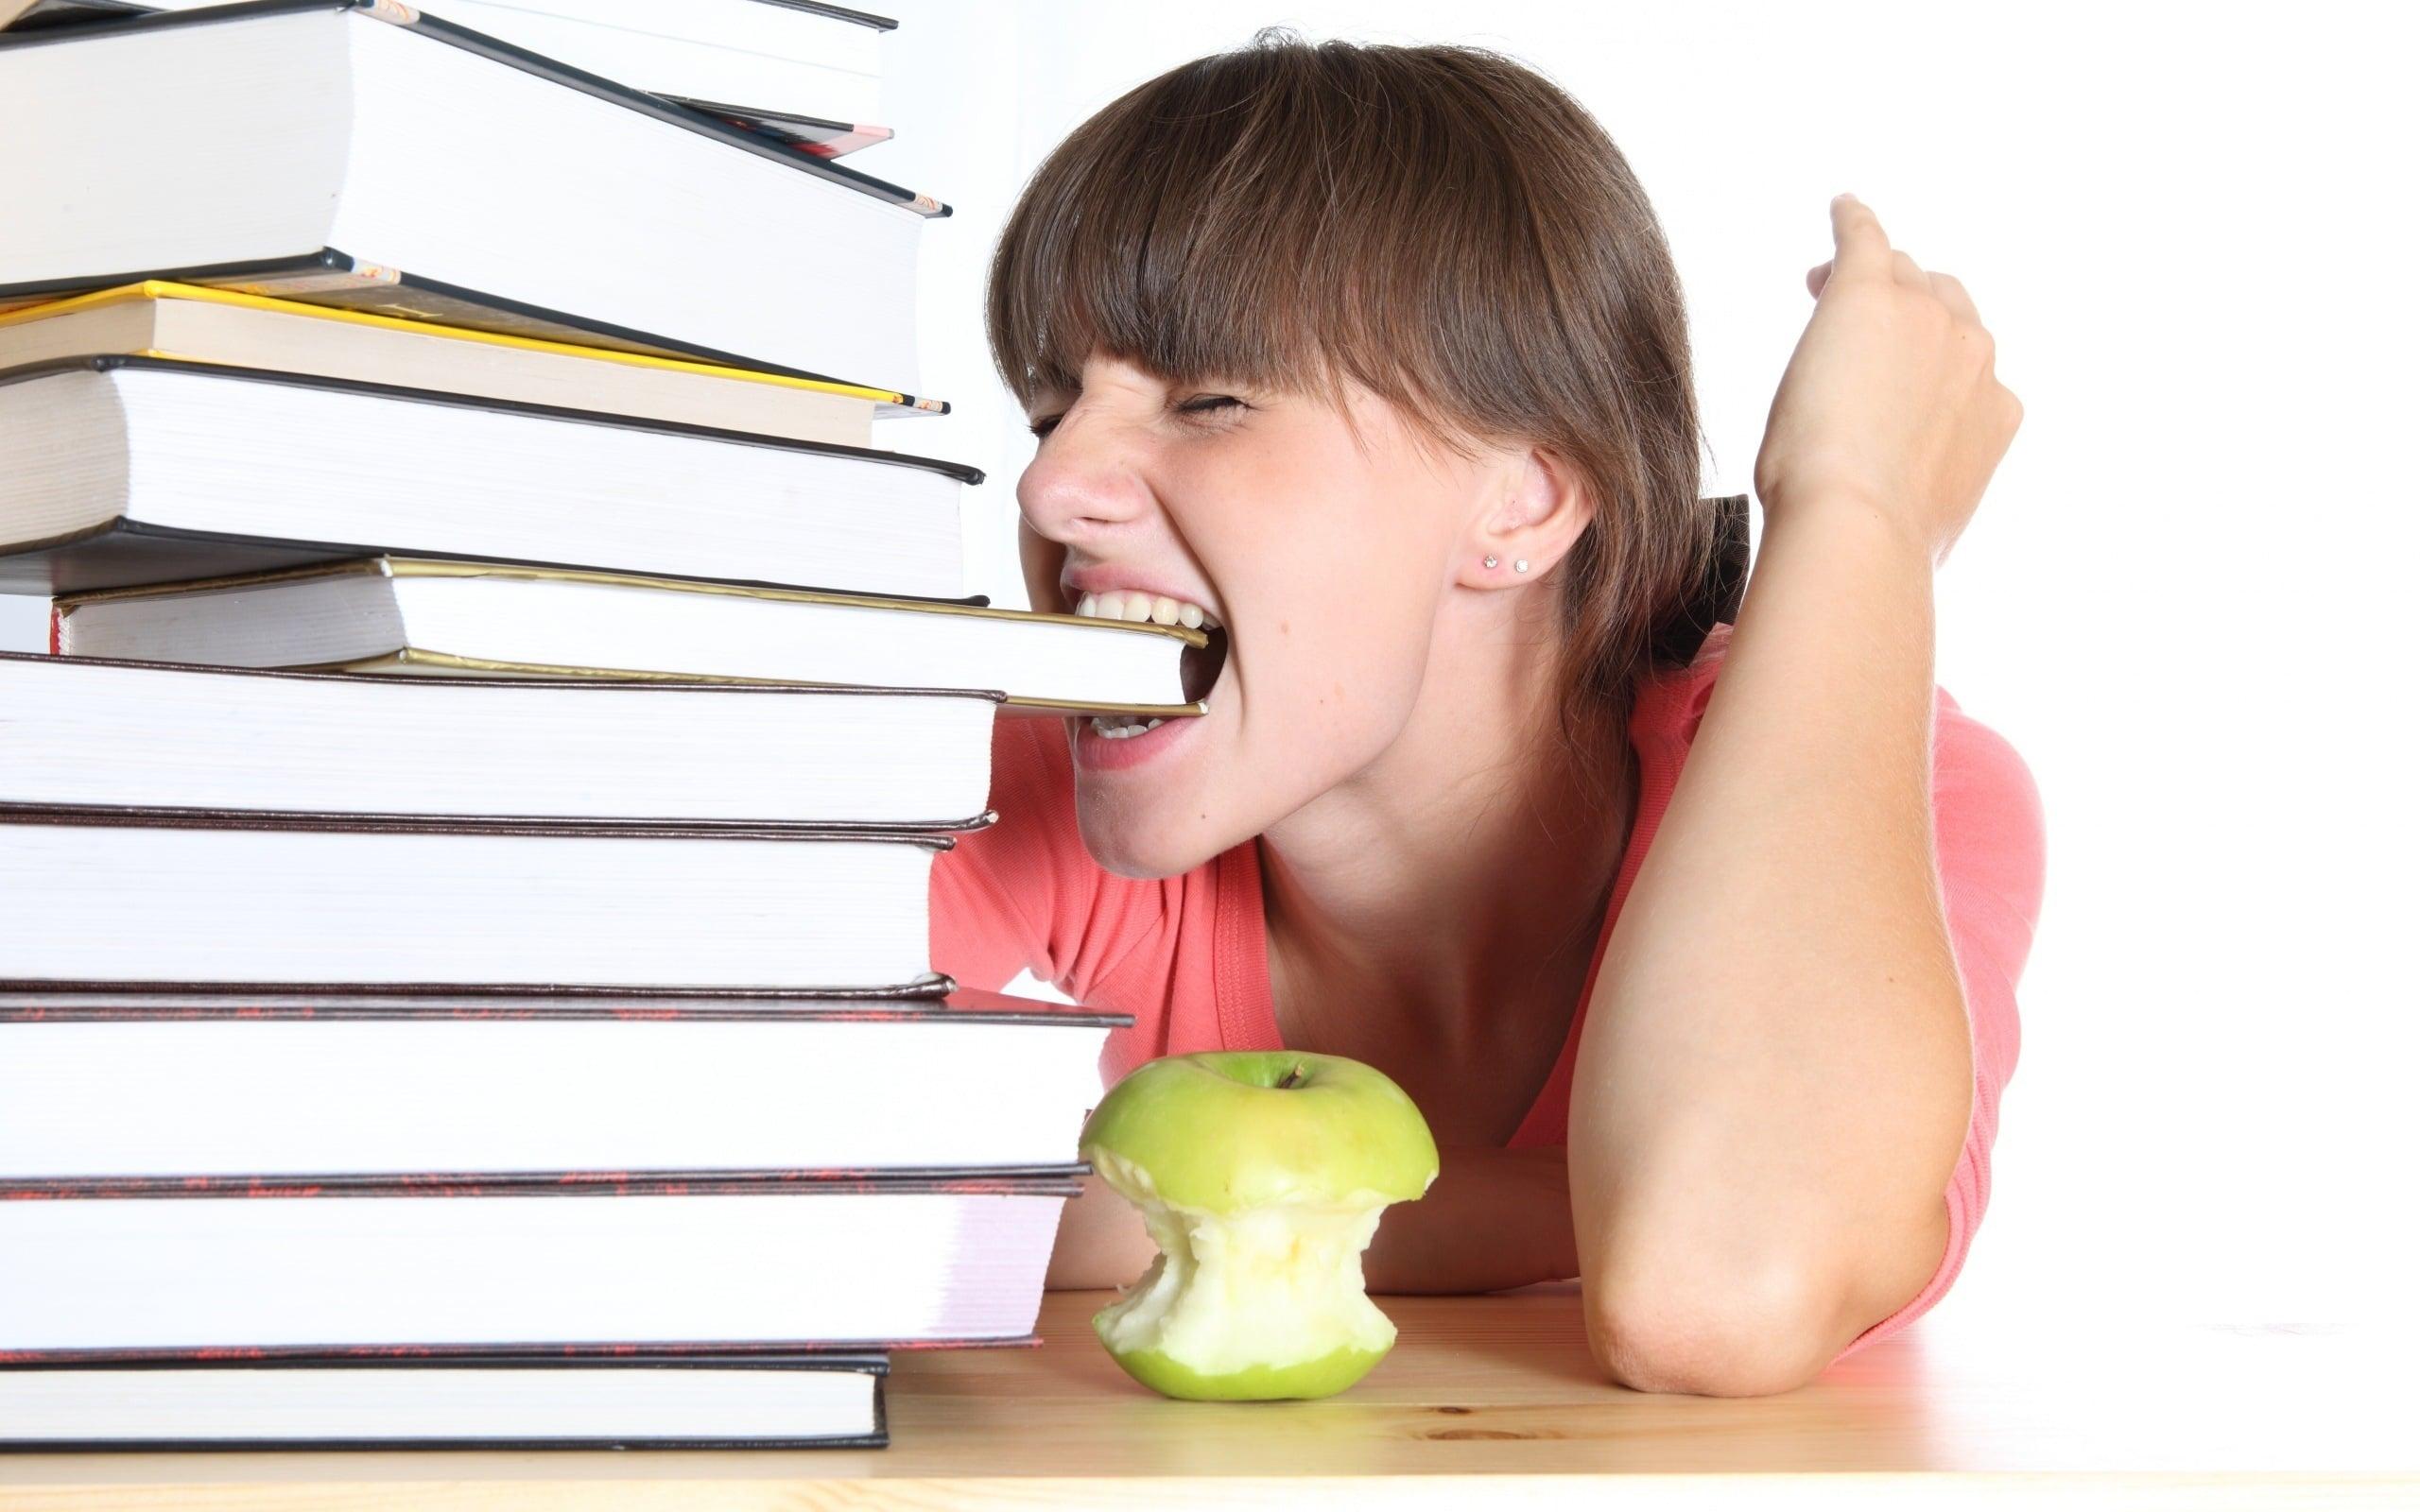 Прикольные картинки про домашнюю работу, надписью днем